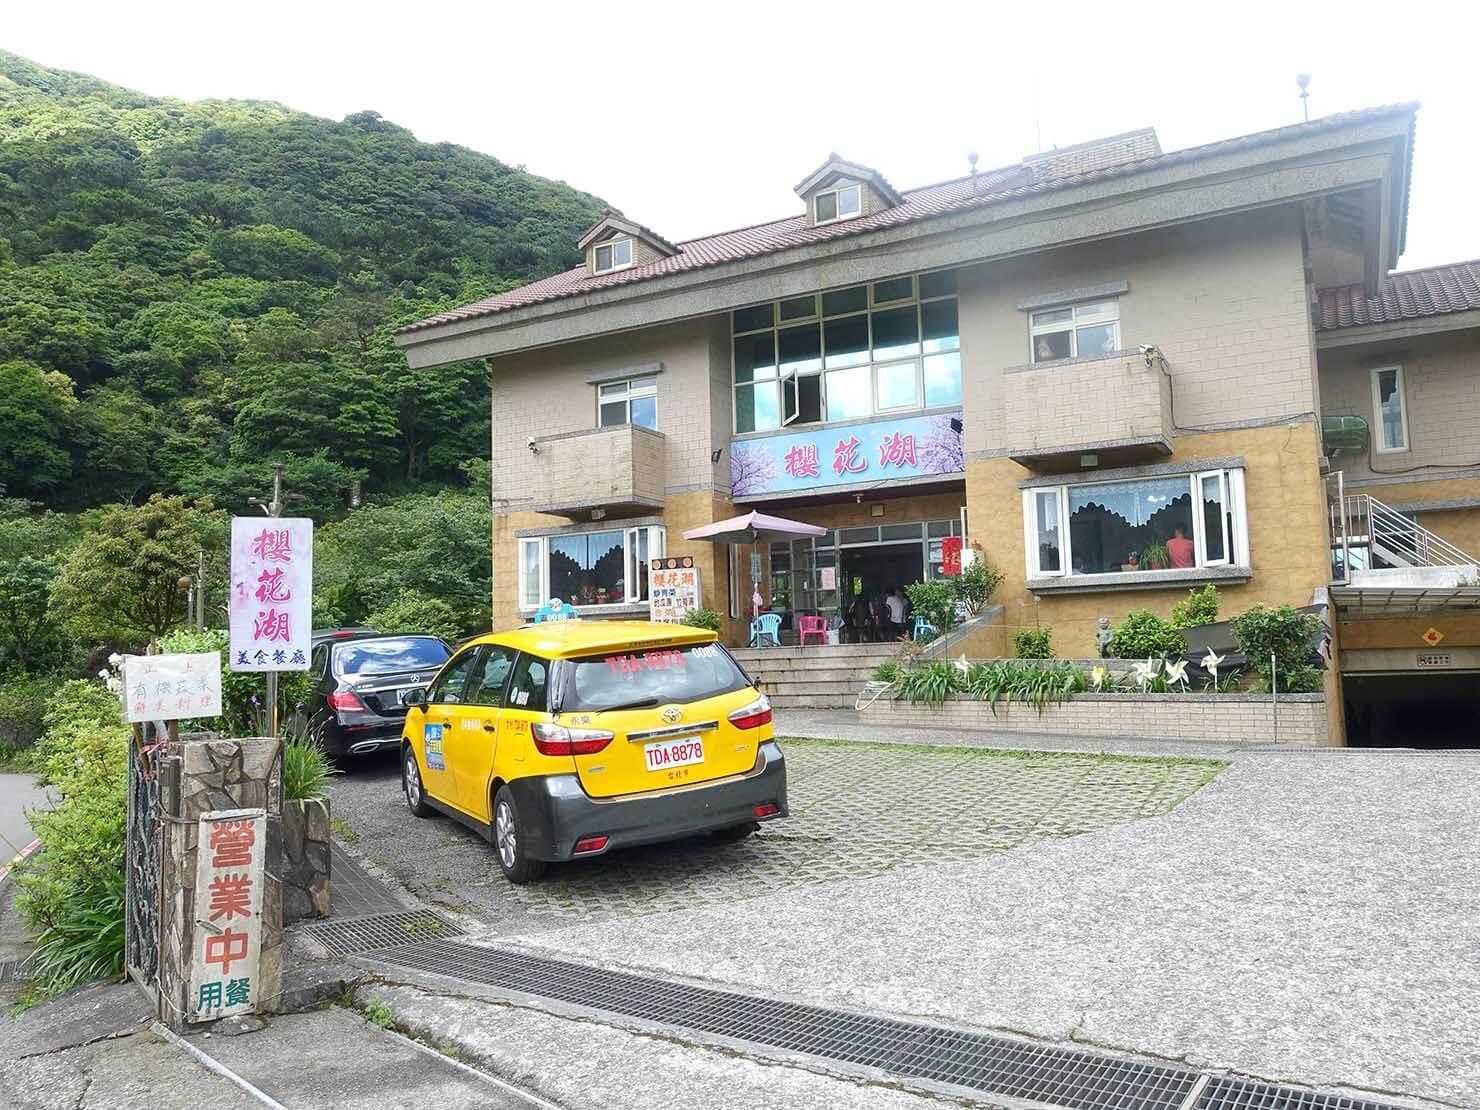 台北・陽明山のおすすめスポット「竹子湖」のレストラン外観